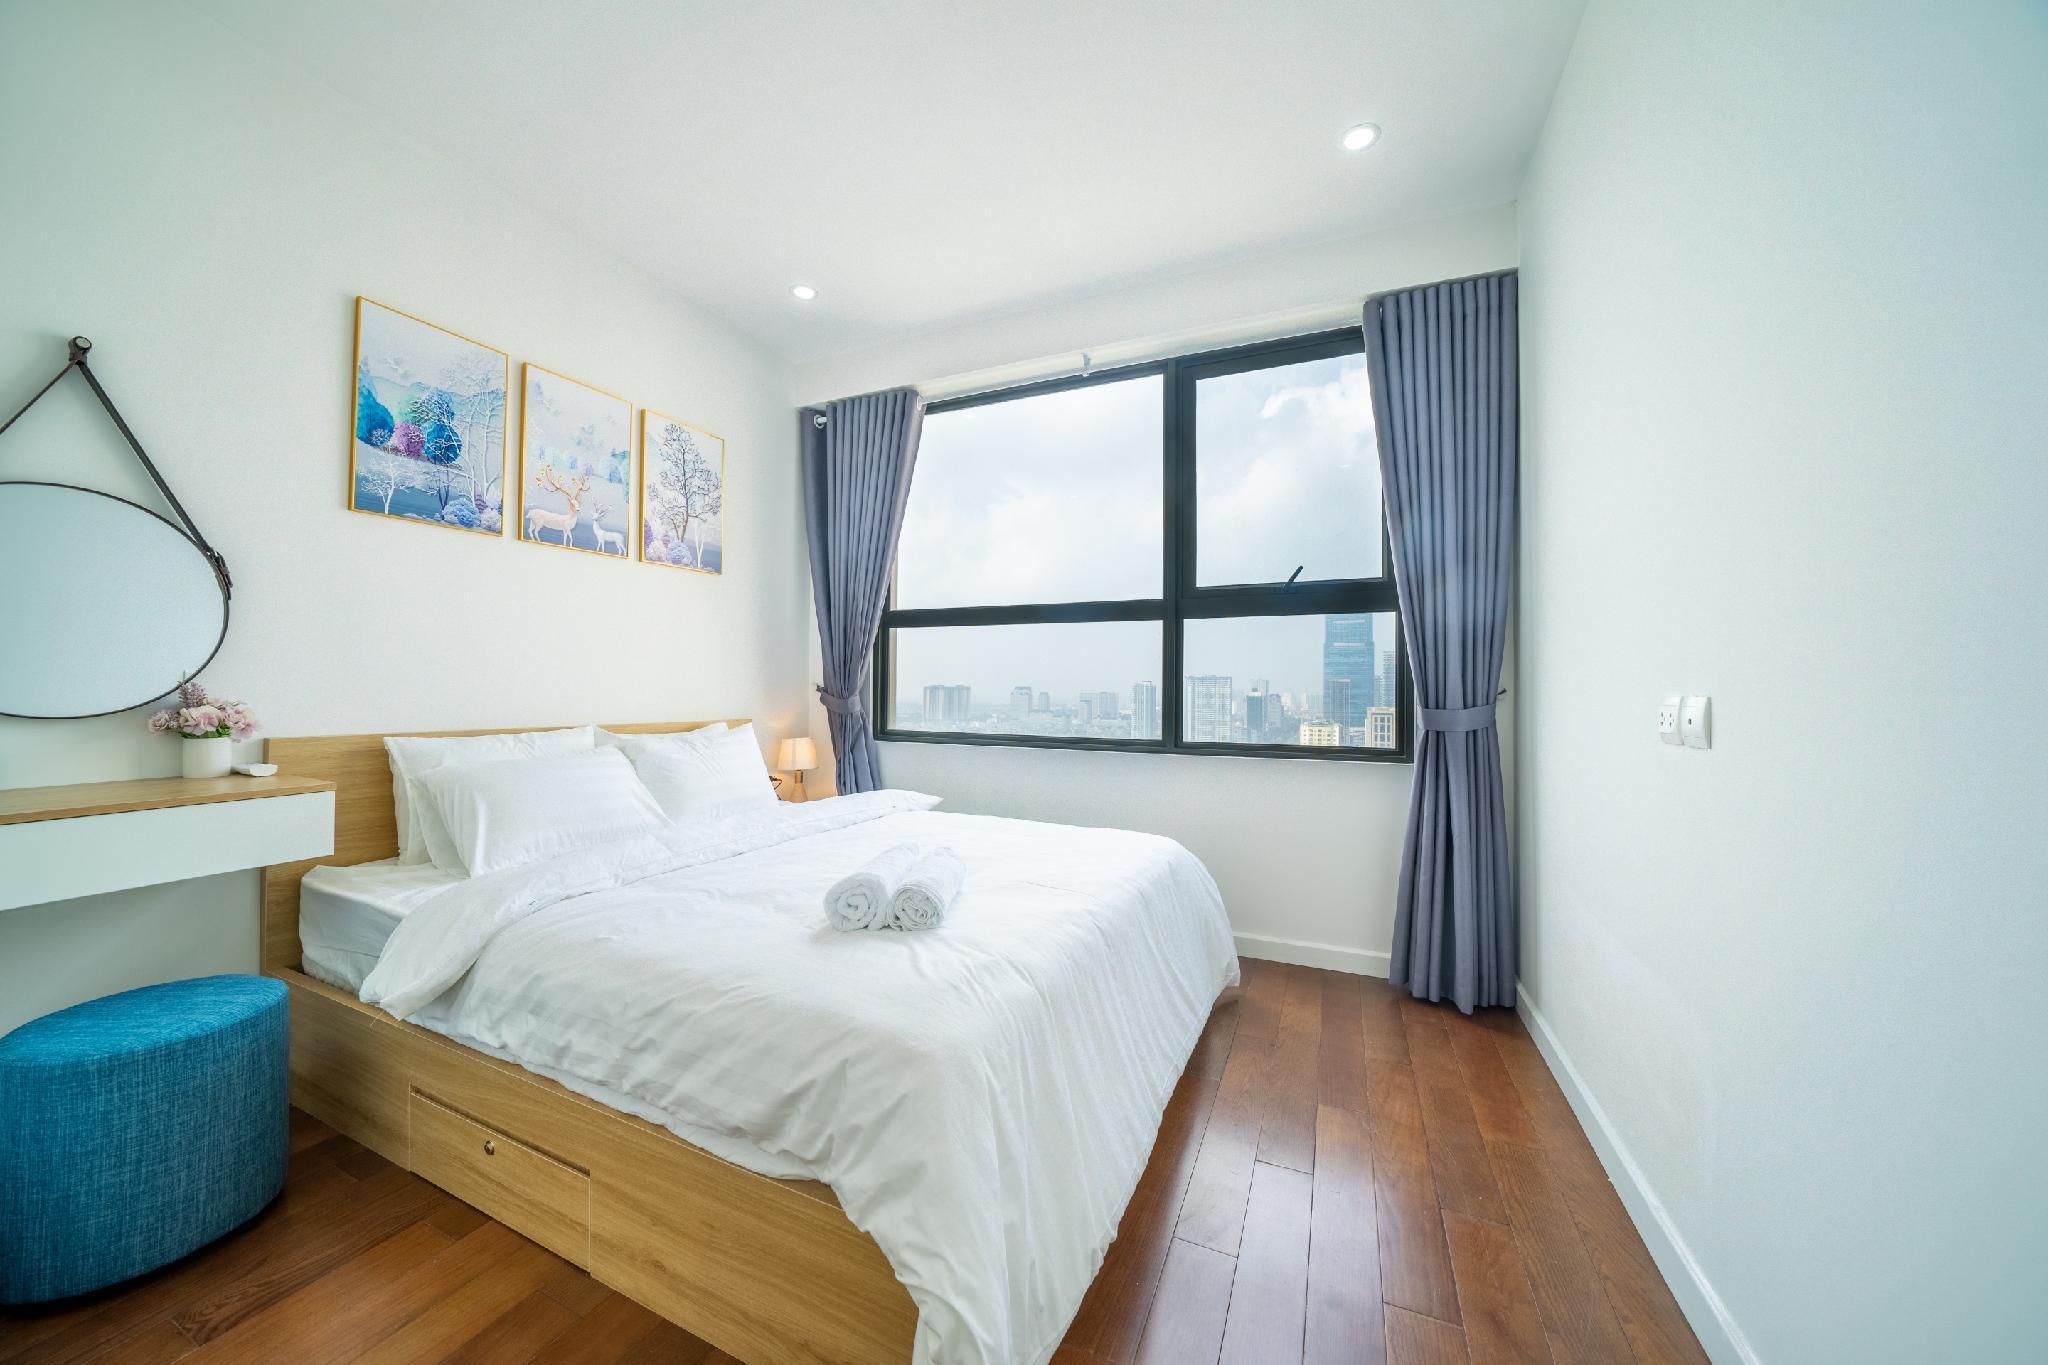 BI HOUSE 2 BEDROOMS @ CLEAN @MODERN @ NICE VIEW